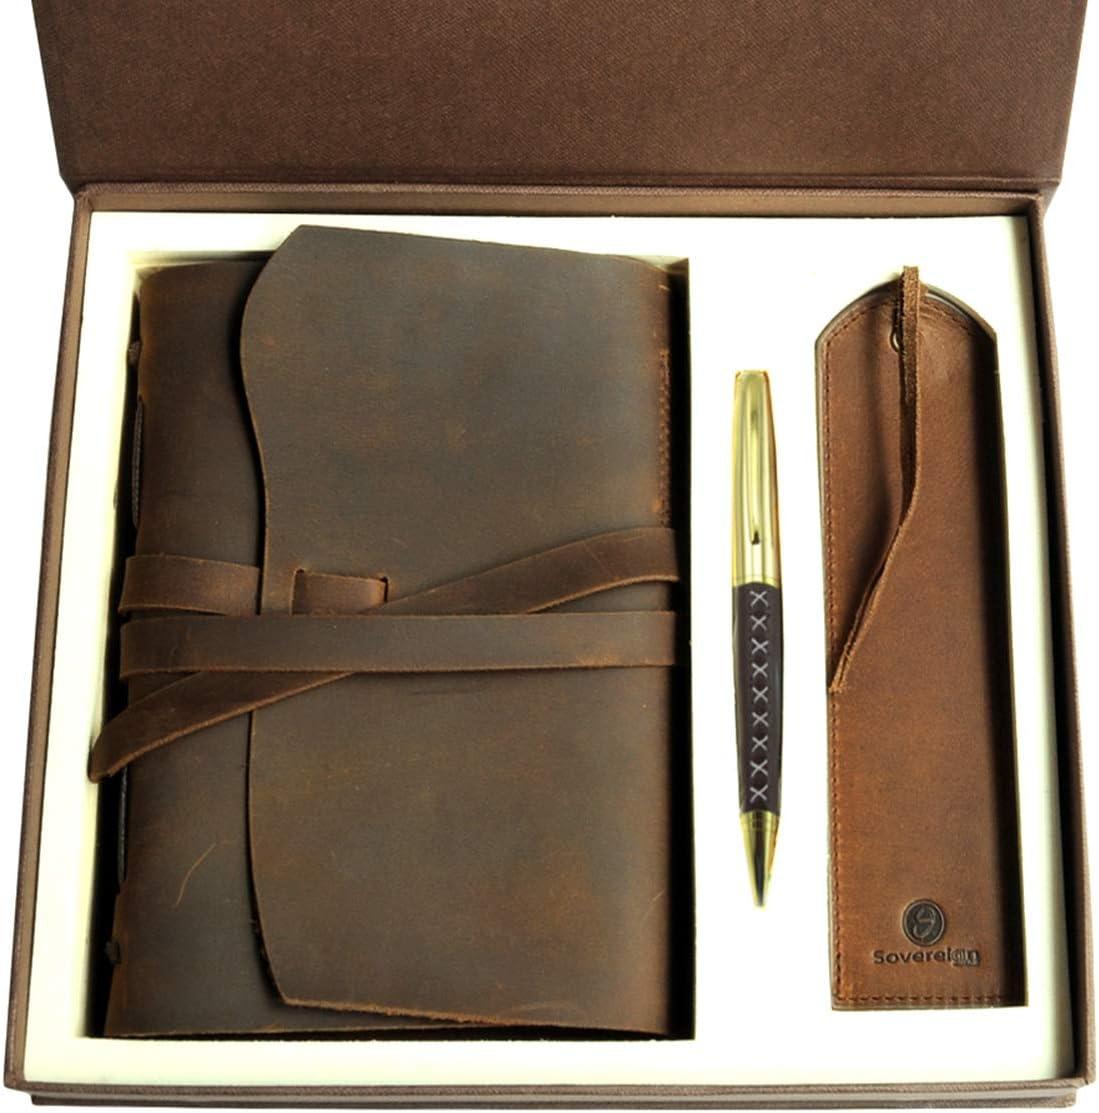 Juego de regalo de diario de cuero + marcador de cuero antiguo hecho a mano, A5 cuaderno de escritura rústico con caja para hombres y mujeres, diario de viaje ideal para escribir en 20x15cm